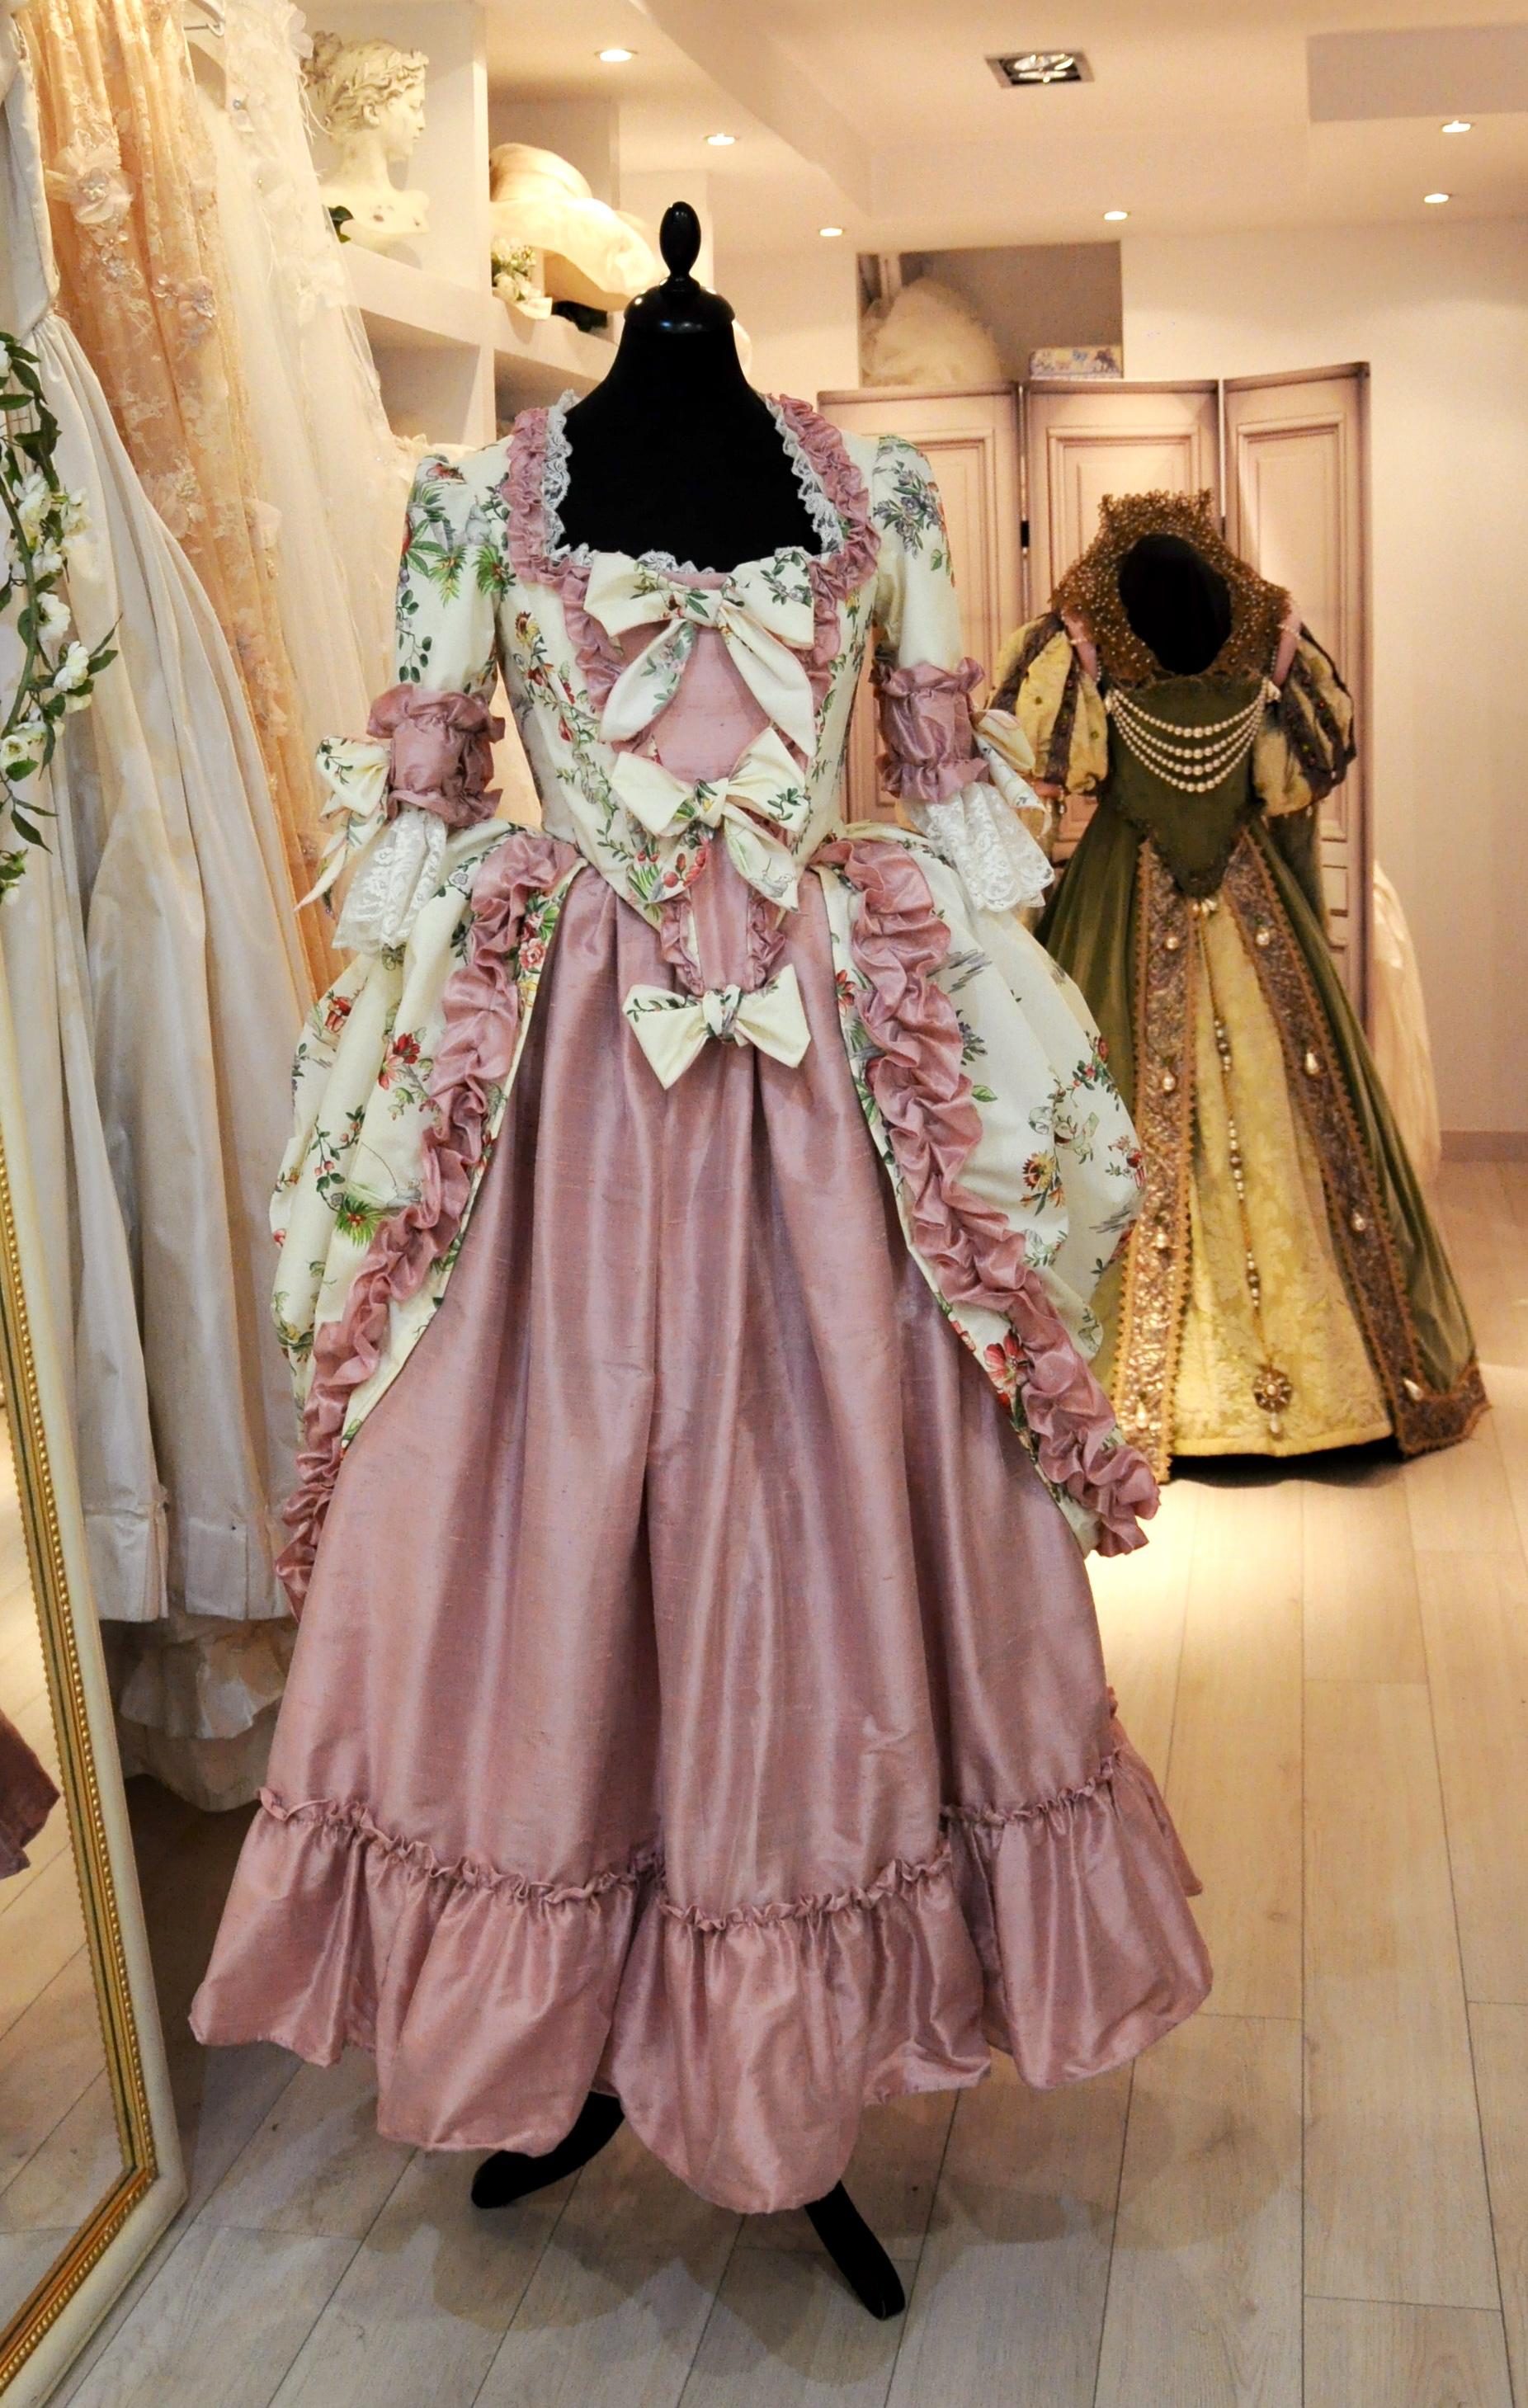 Robe à la Polonaise 18e siècle en soie rose et tissu motif 18e. Création Agnès Szabelewski